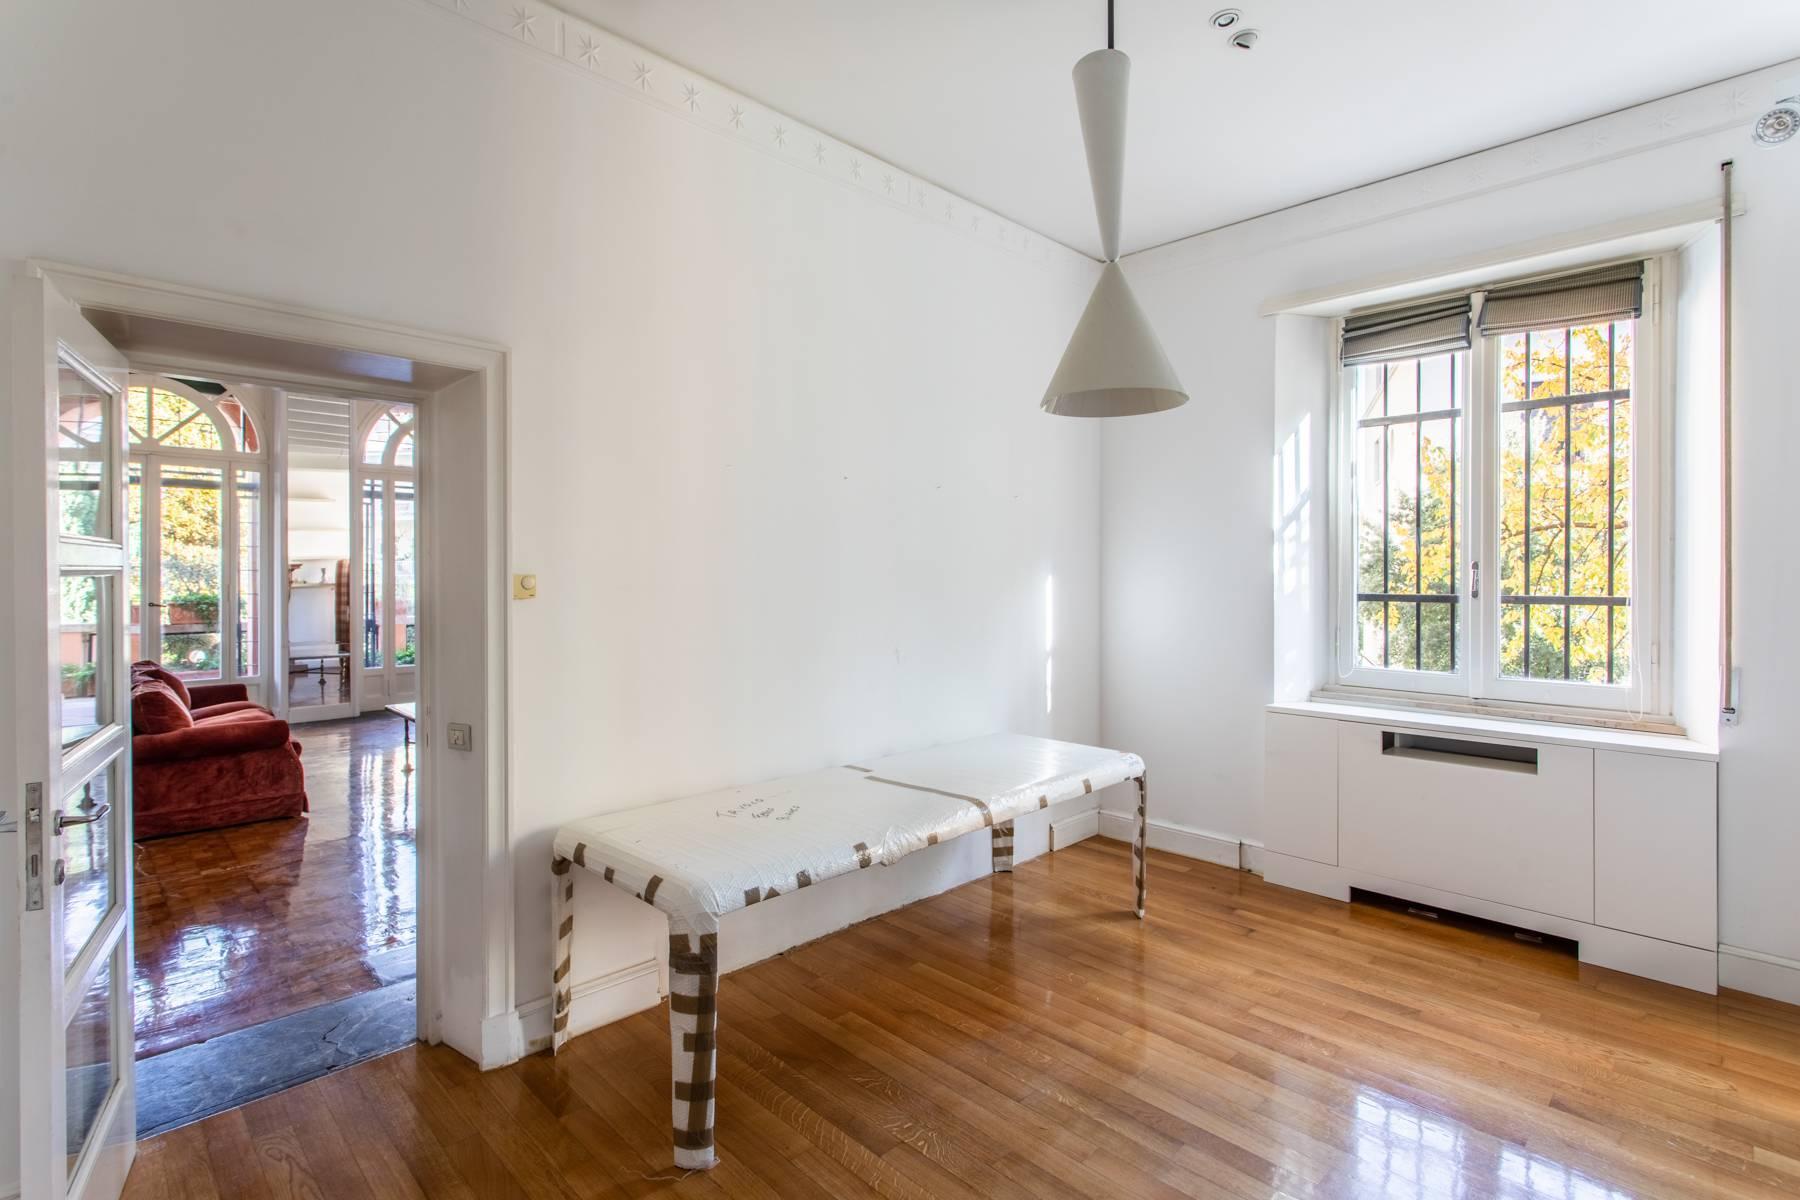 Appartement élégant avec vue sur le jardin - 6